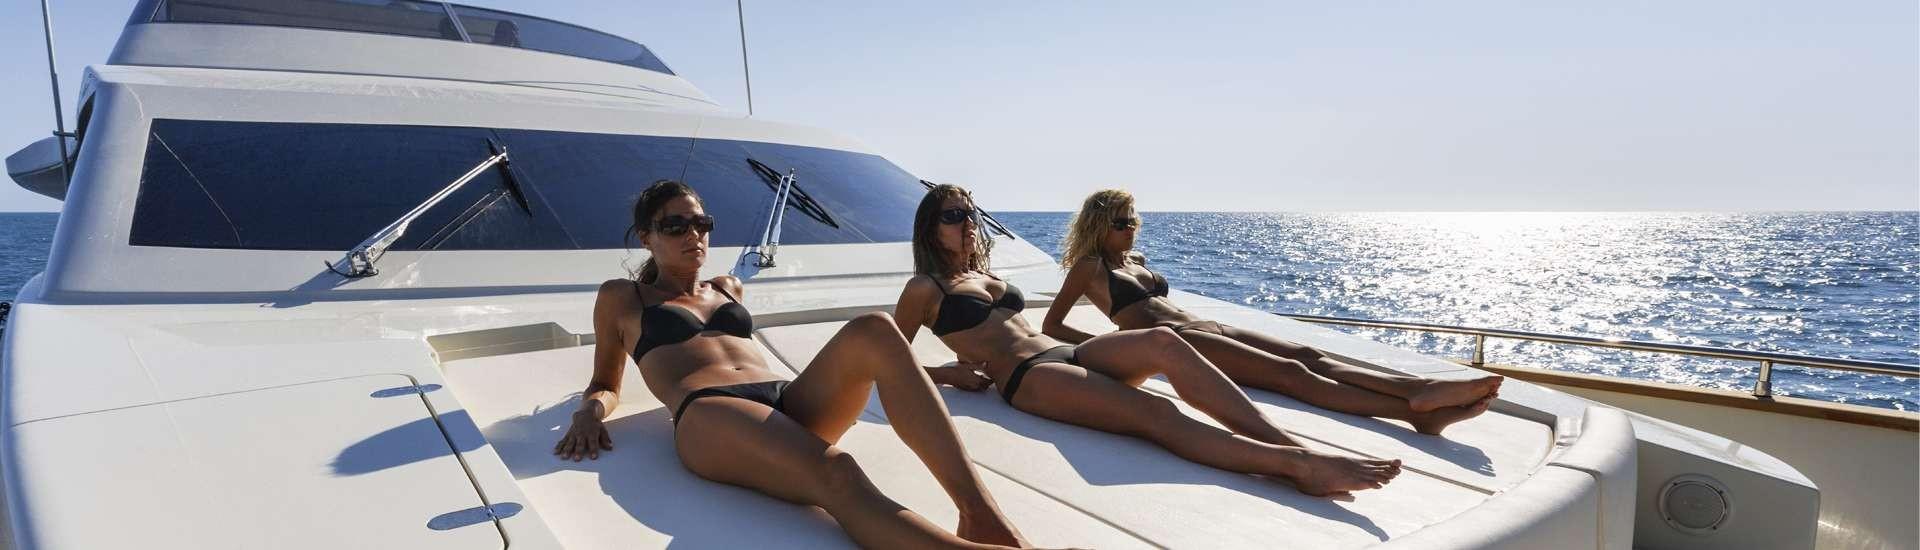 Хорватия Моторные яхты